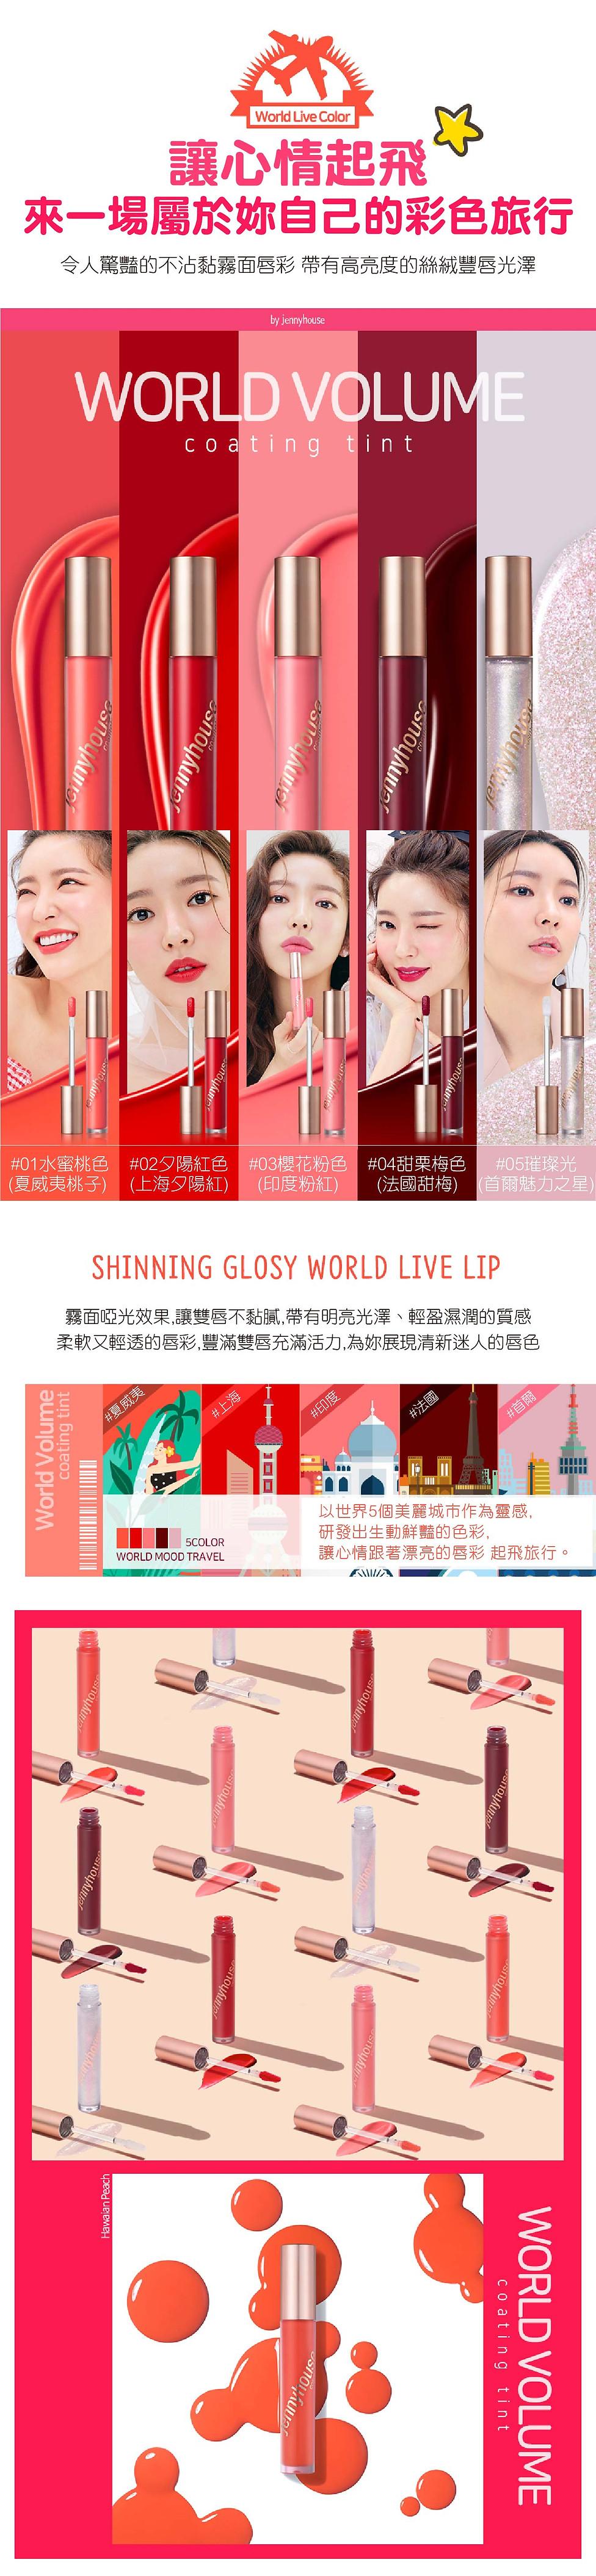 韓國化妝品網站長圖-5-03.jpg